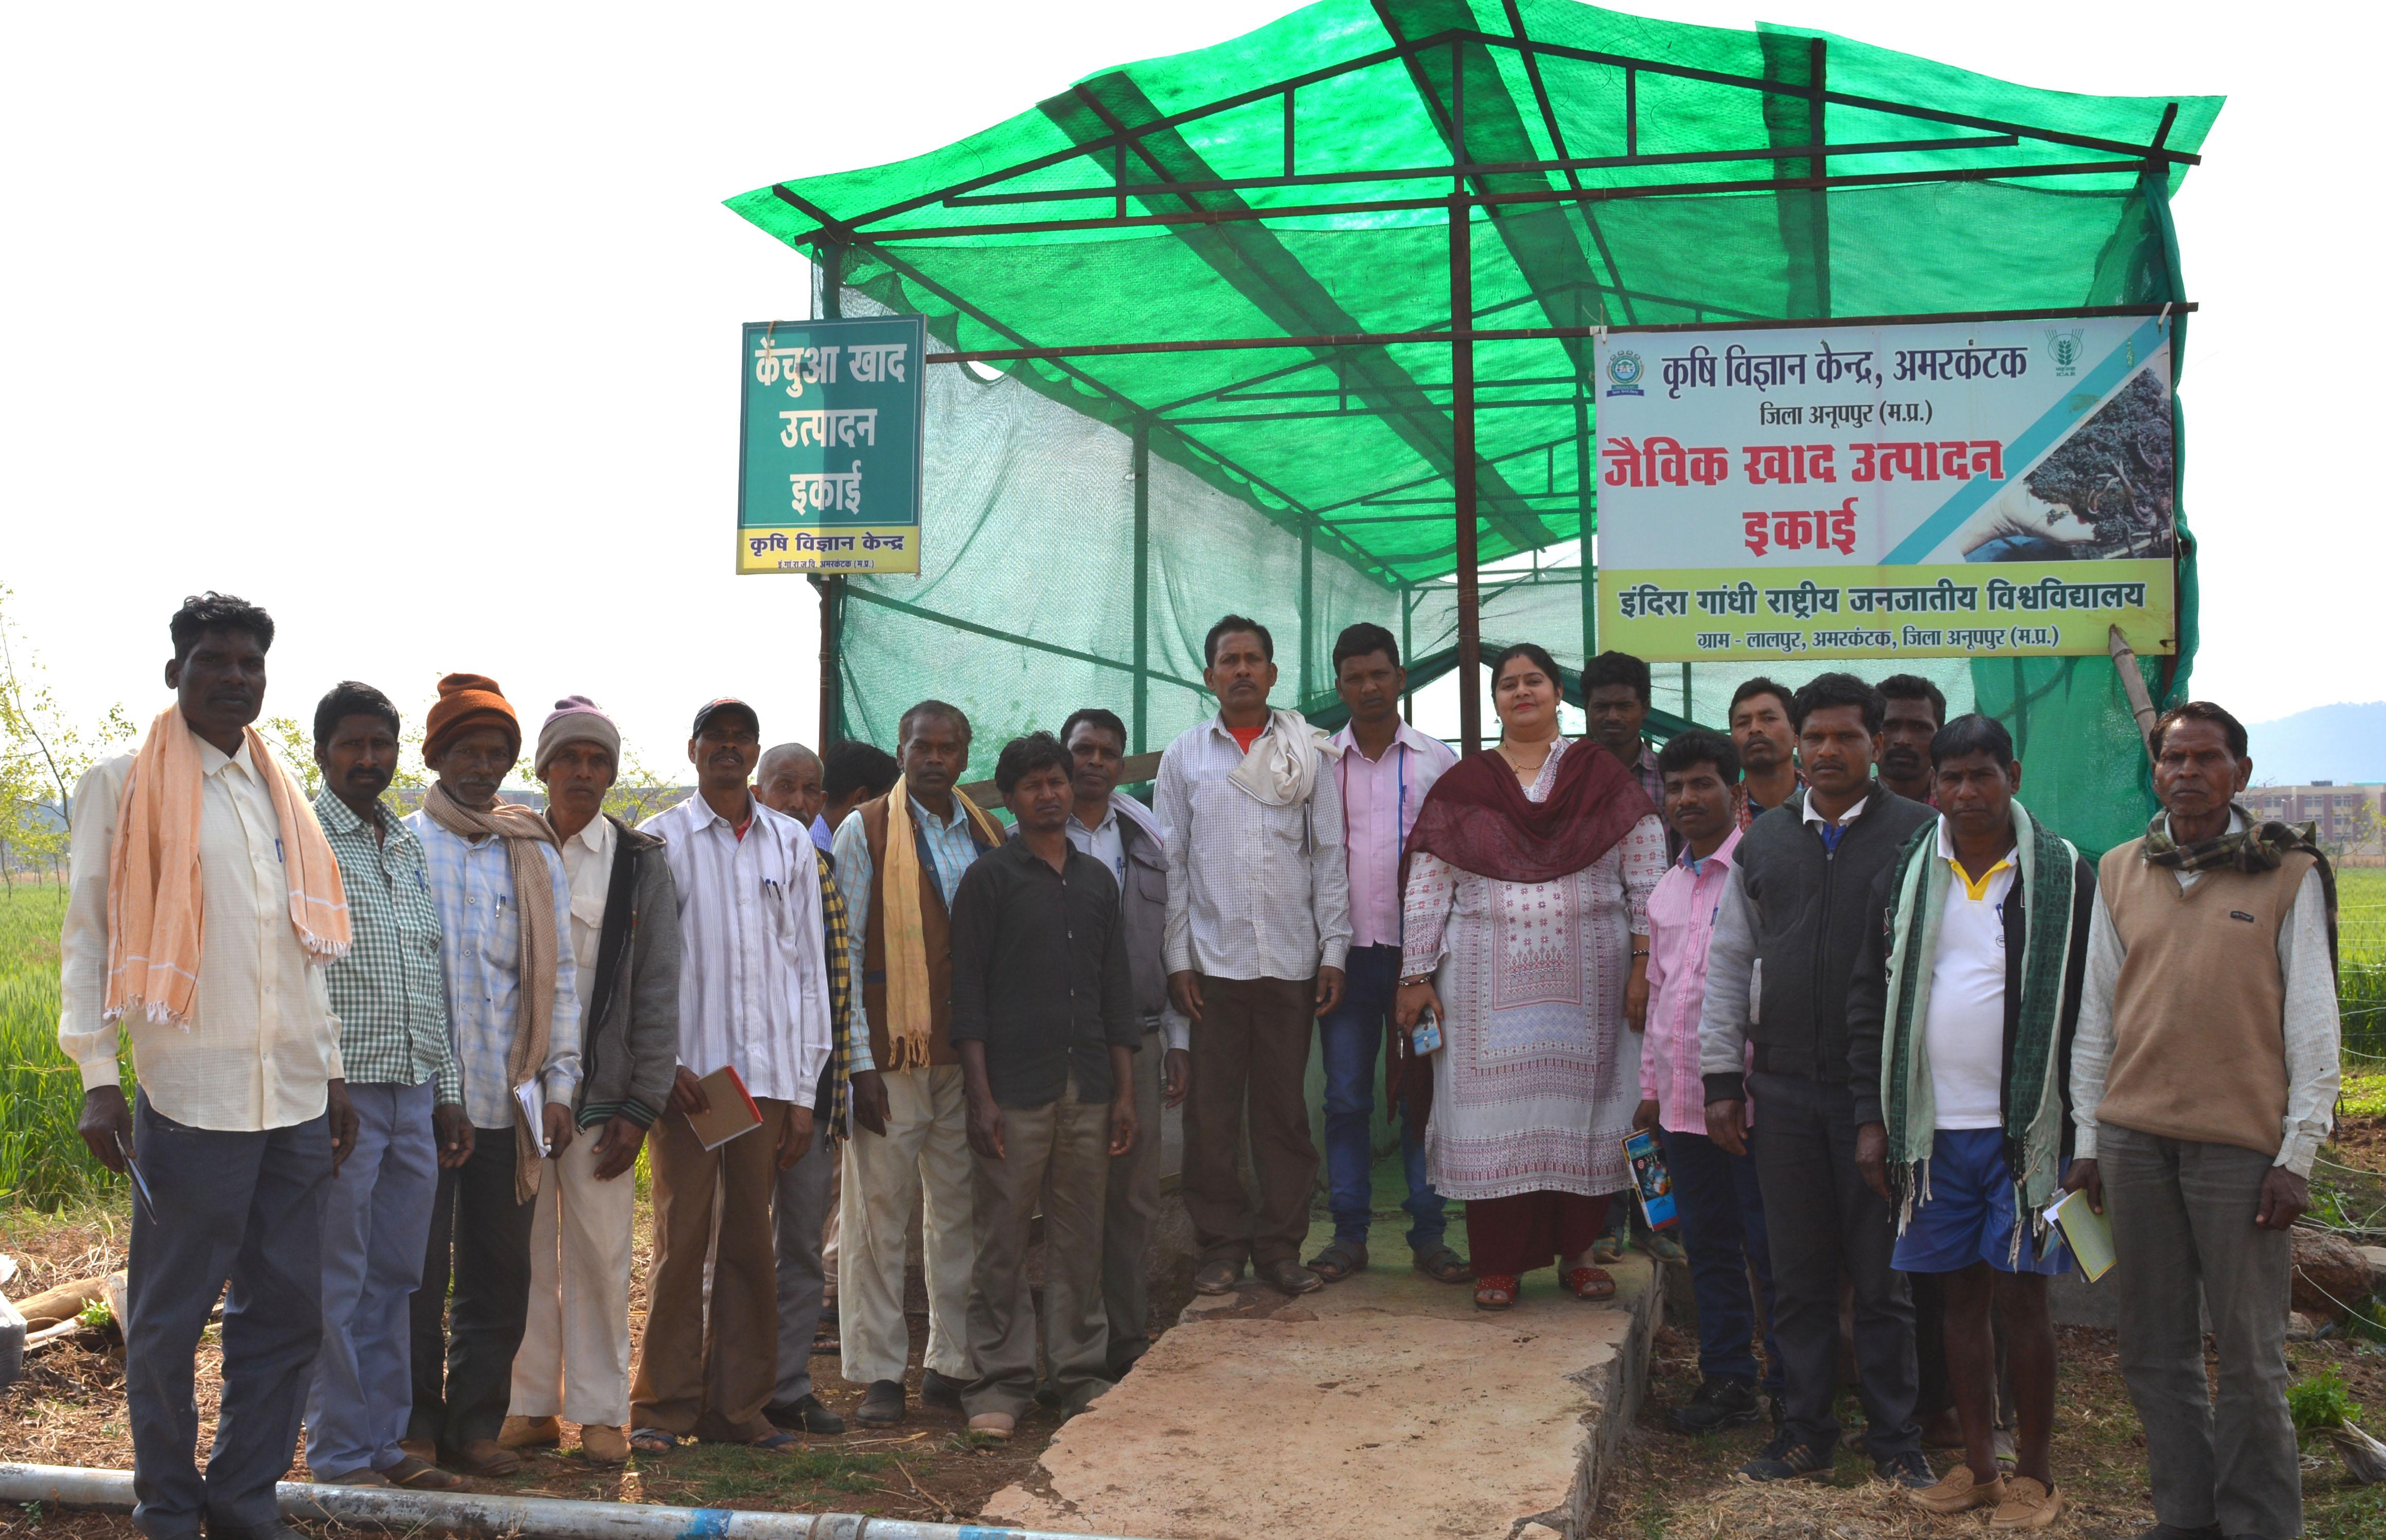 तीन गांव के किसानों ने जाना बर्मी कम्पोस्ट खाद क्यों है जरूरी, वैज्ञानिकों ने दिया प्रशिक्षण